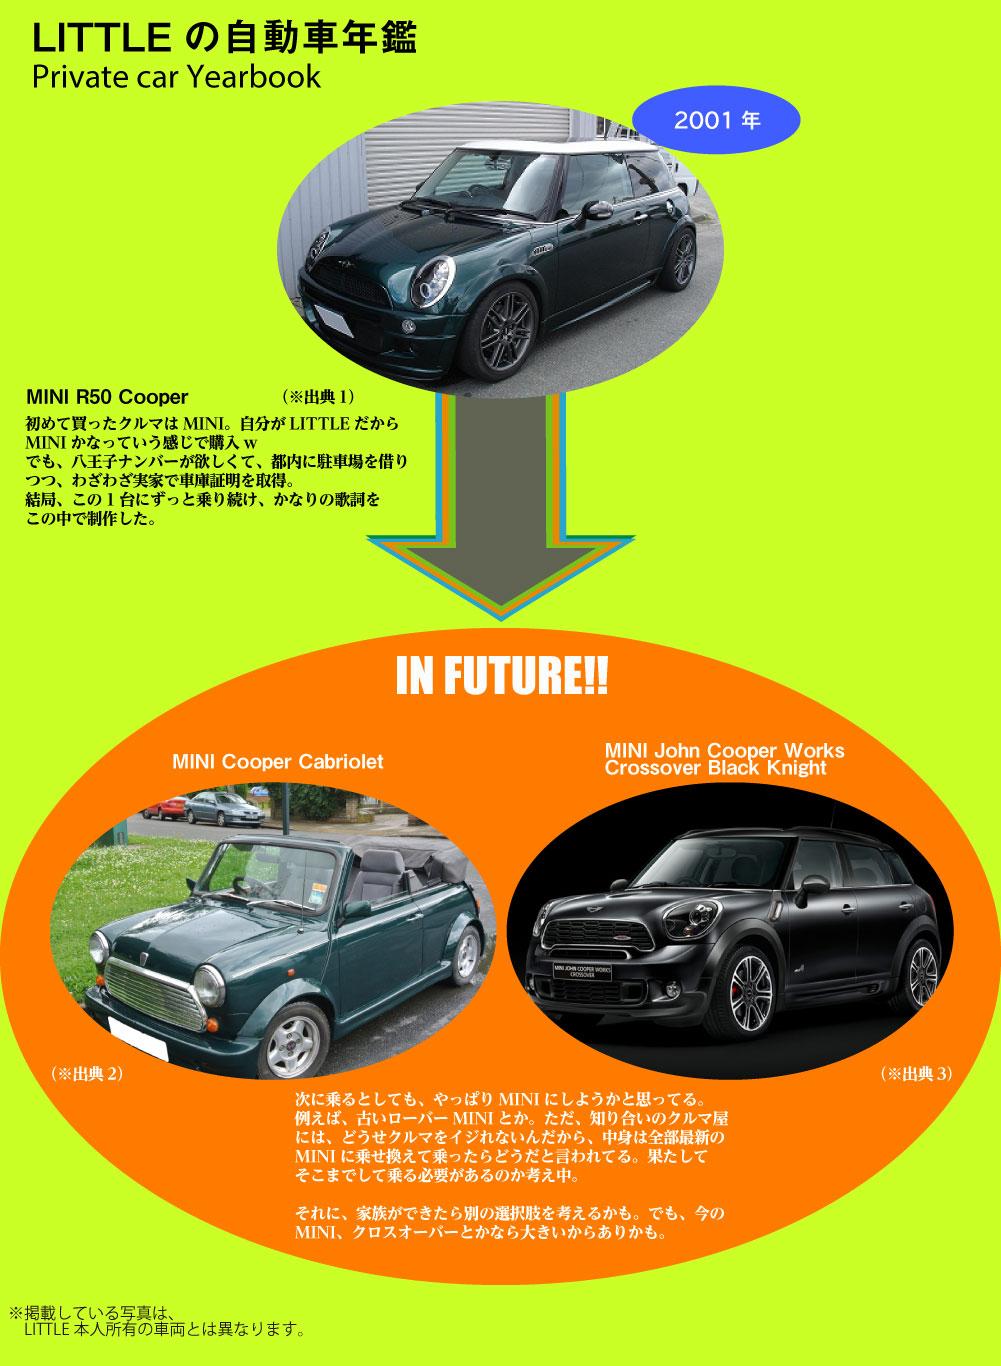 自動車年鑑_LITTLE